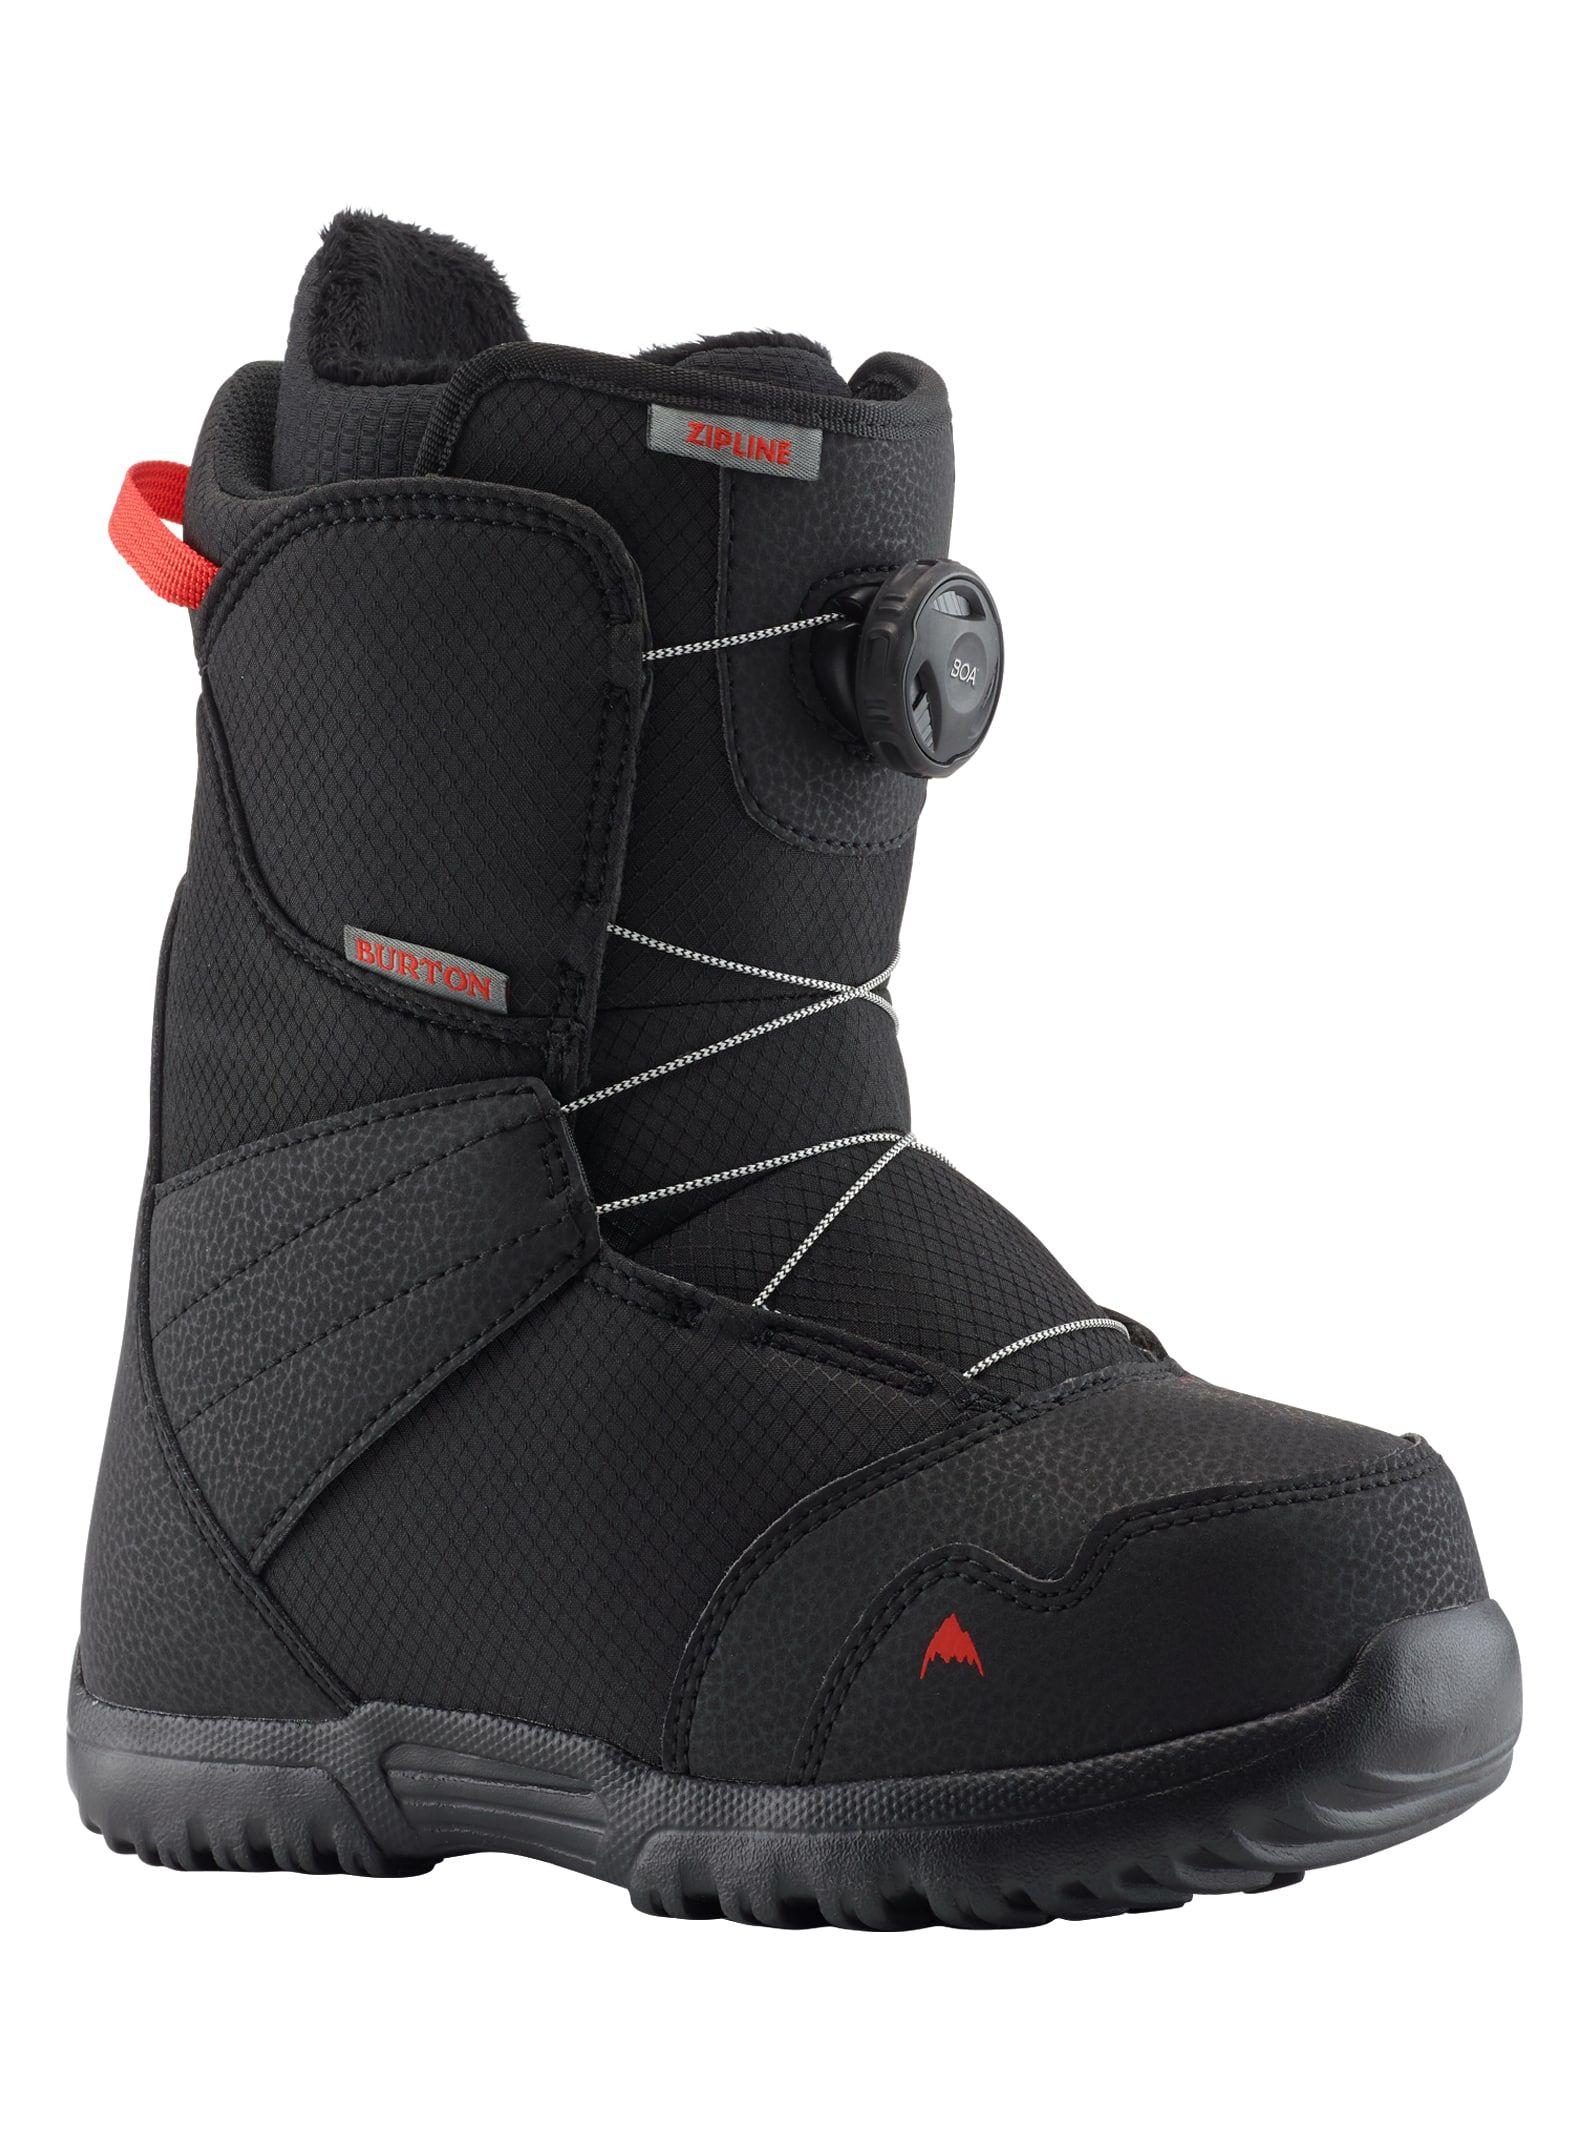 Kids  Burton Zipline Boa® Snowboard Boot  7d1f5e0bab4